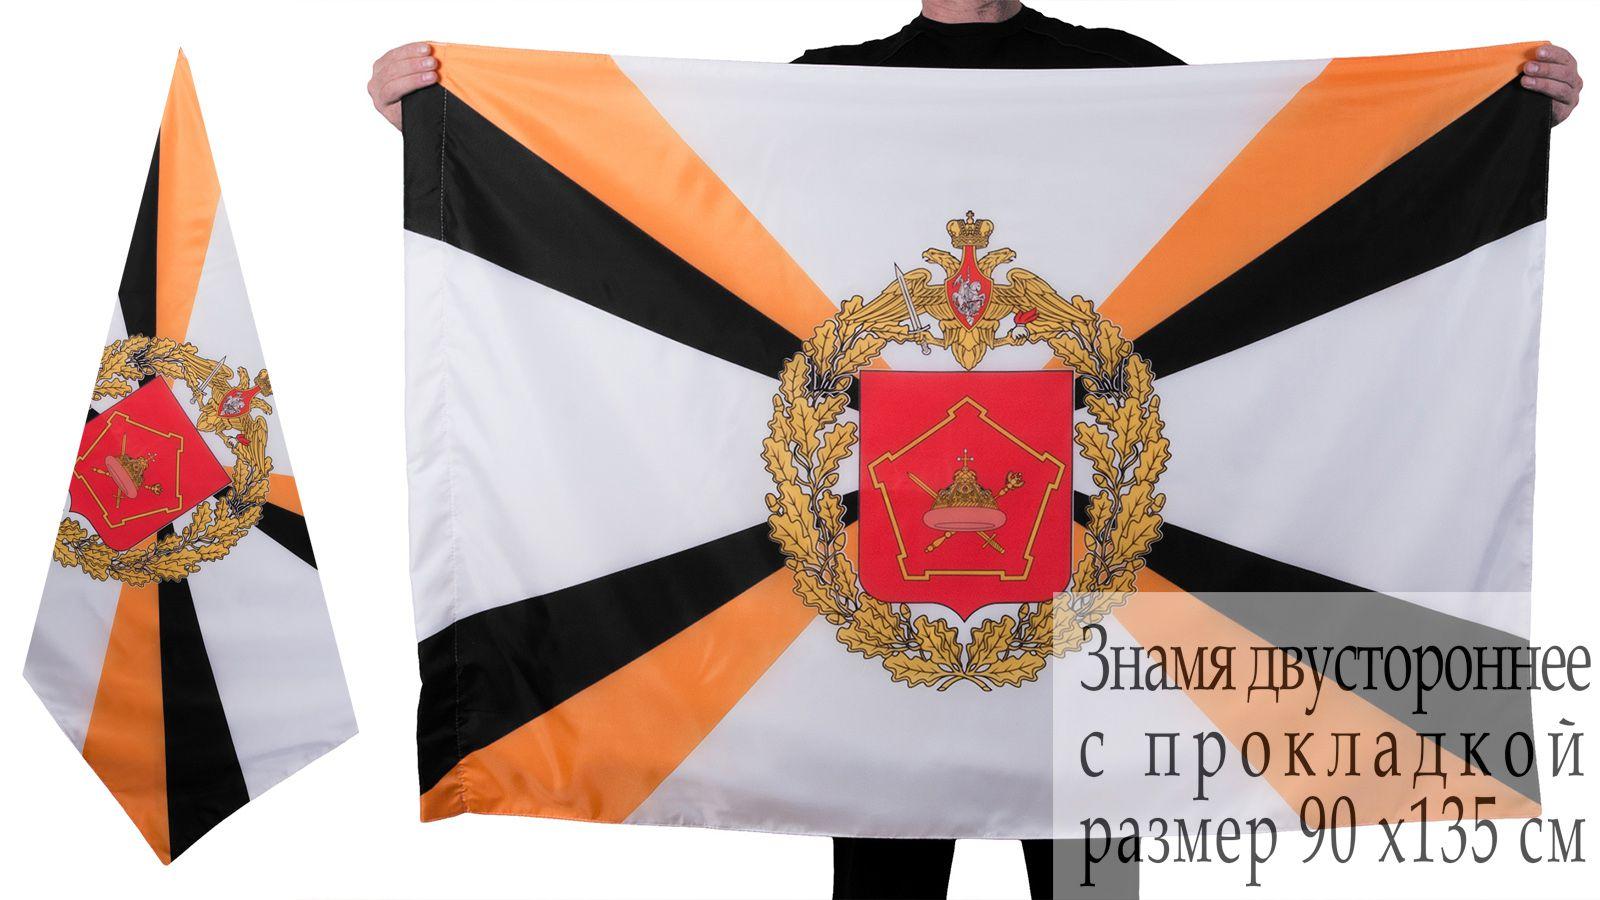 Купить двухсторонний флаг МВО РФ по цене производителя